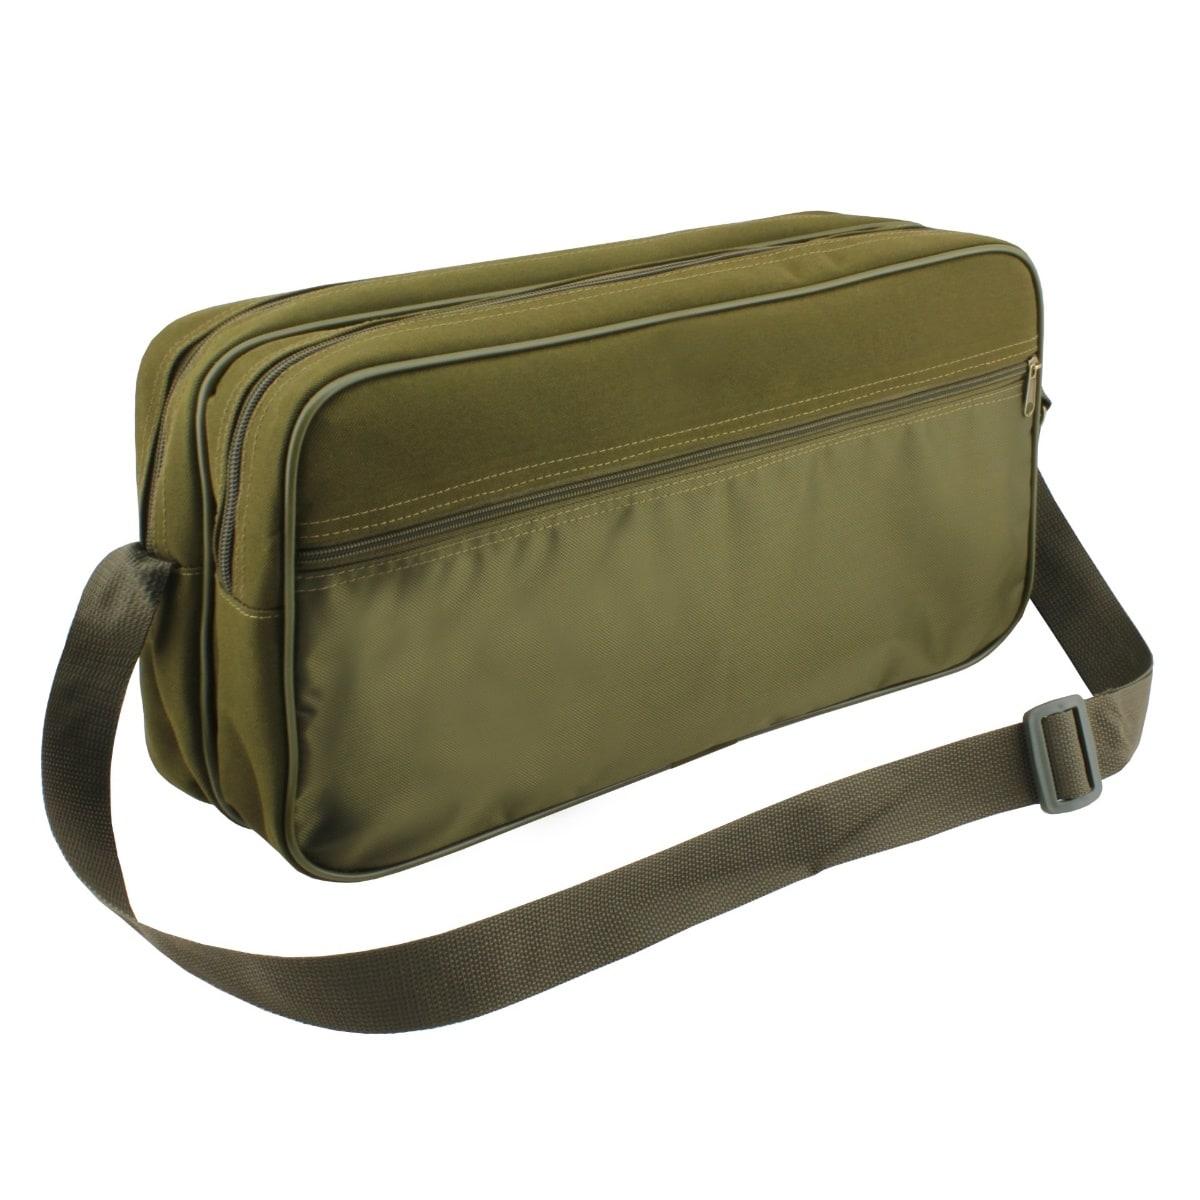 Сумка для жерлиц Aquatic СДЖ-01 - Рыболовные сумки Aquatic